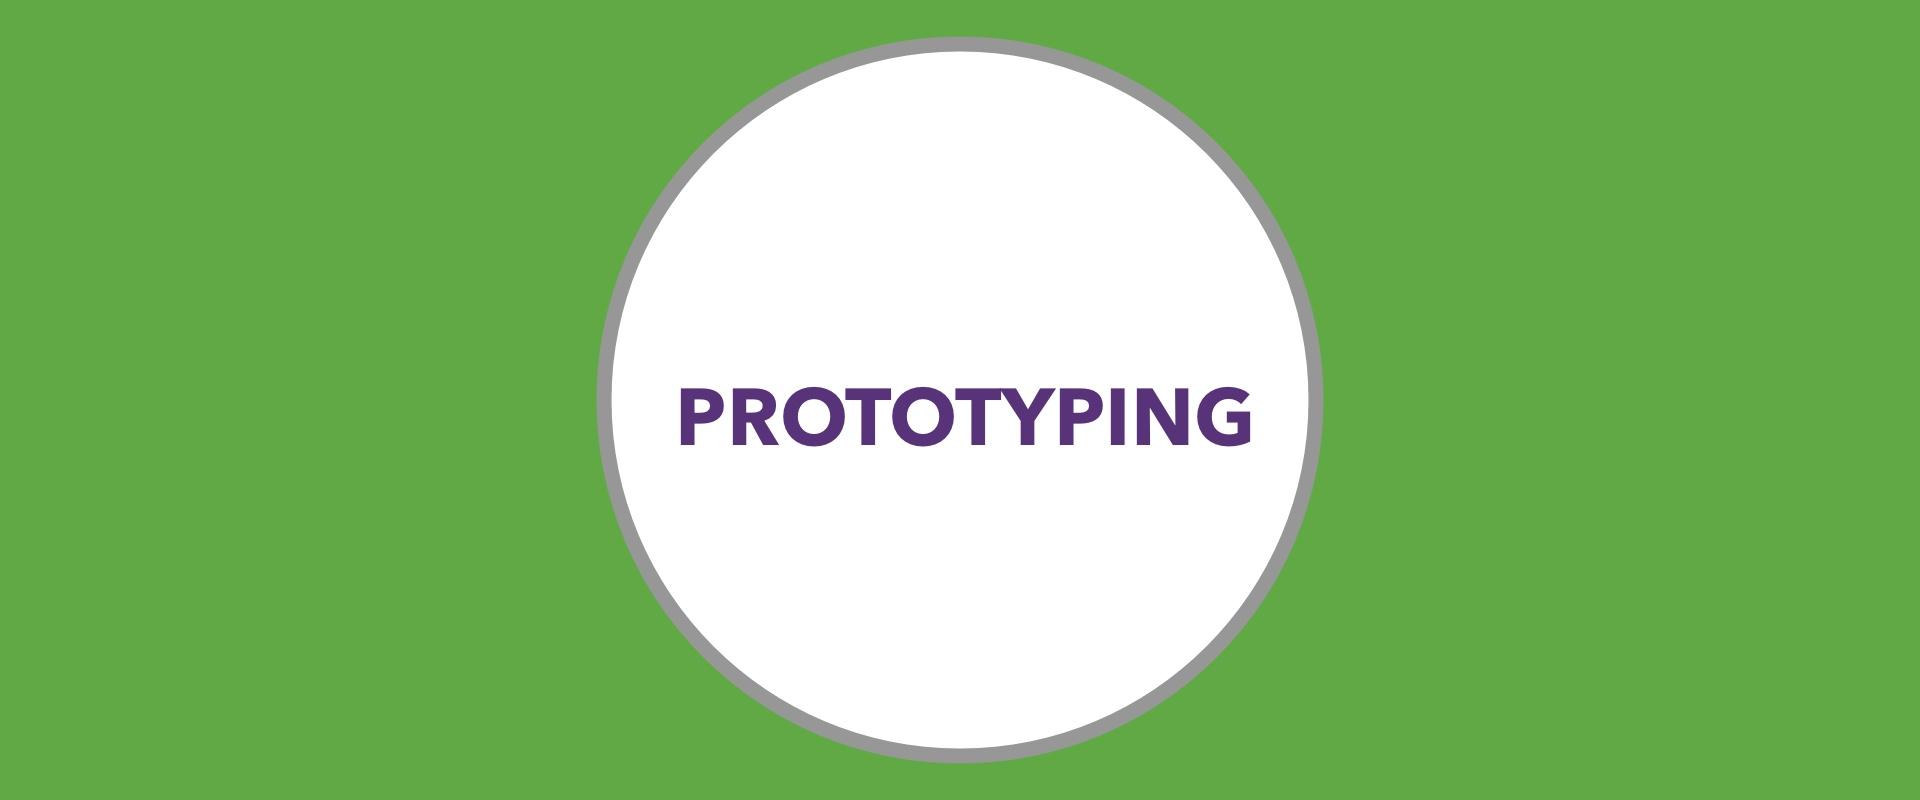 PrototypingUserInterfaces